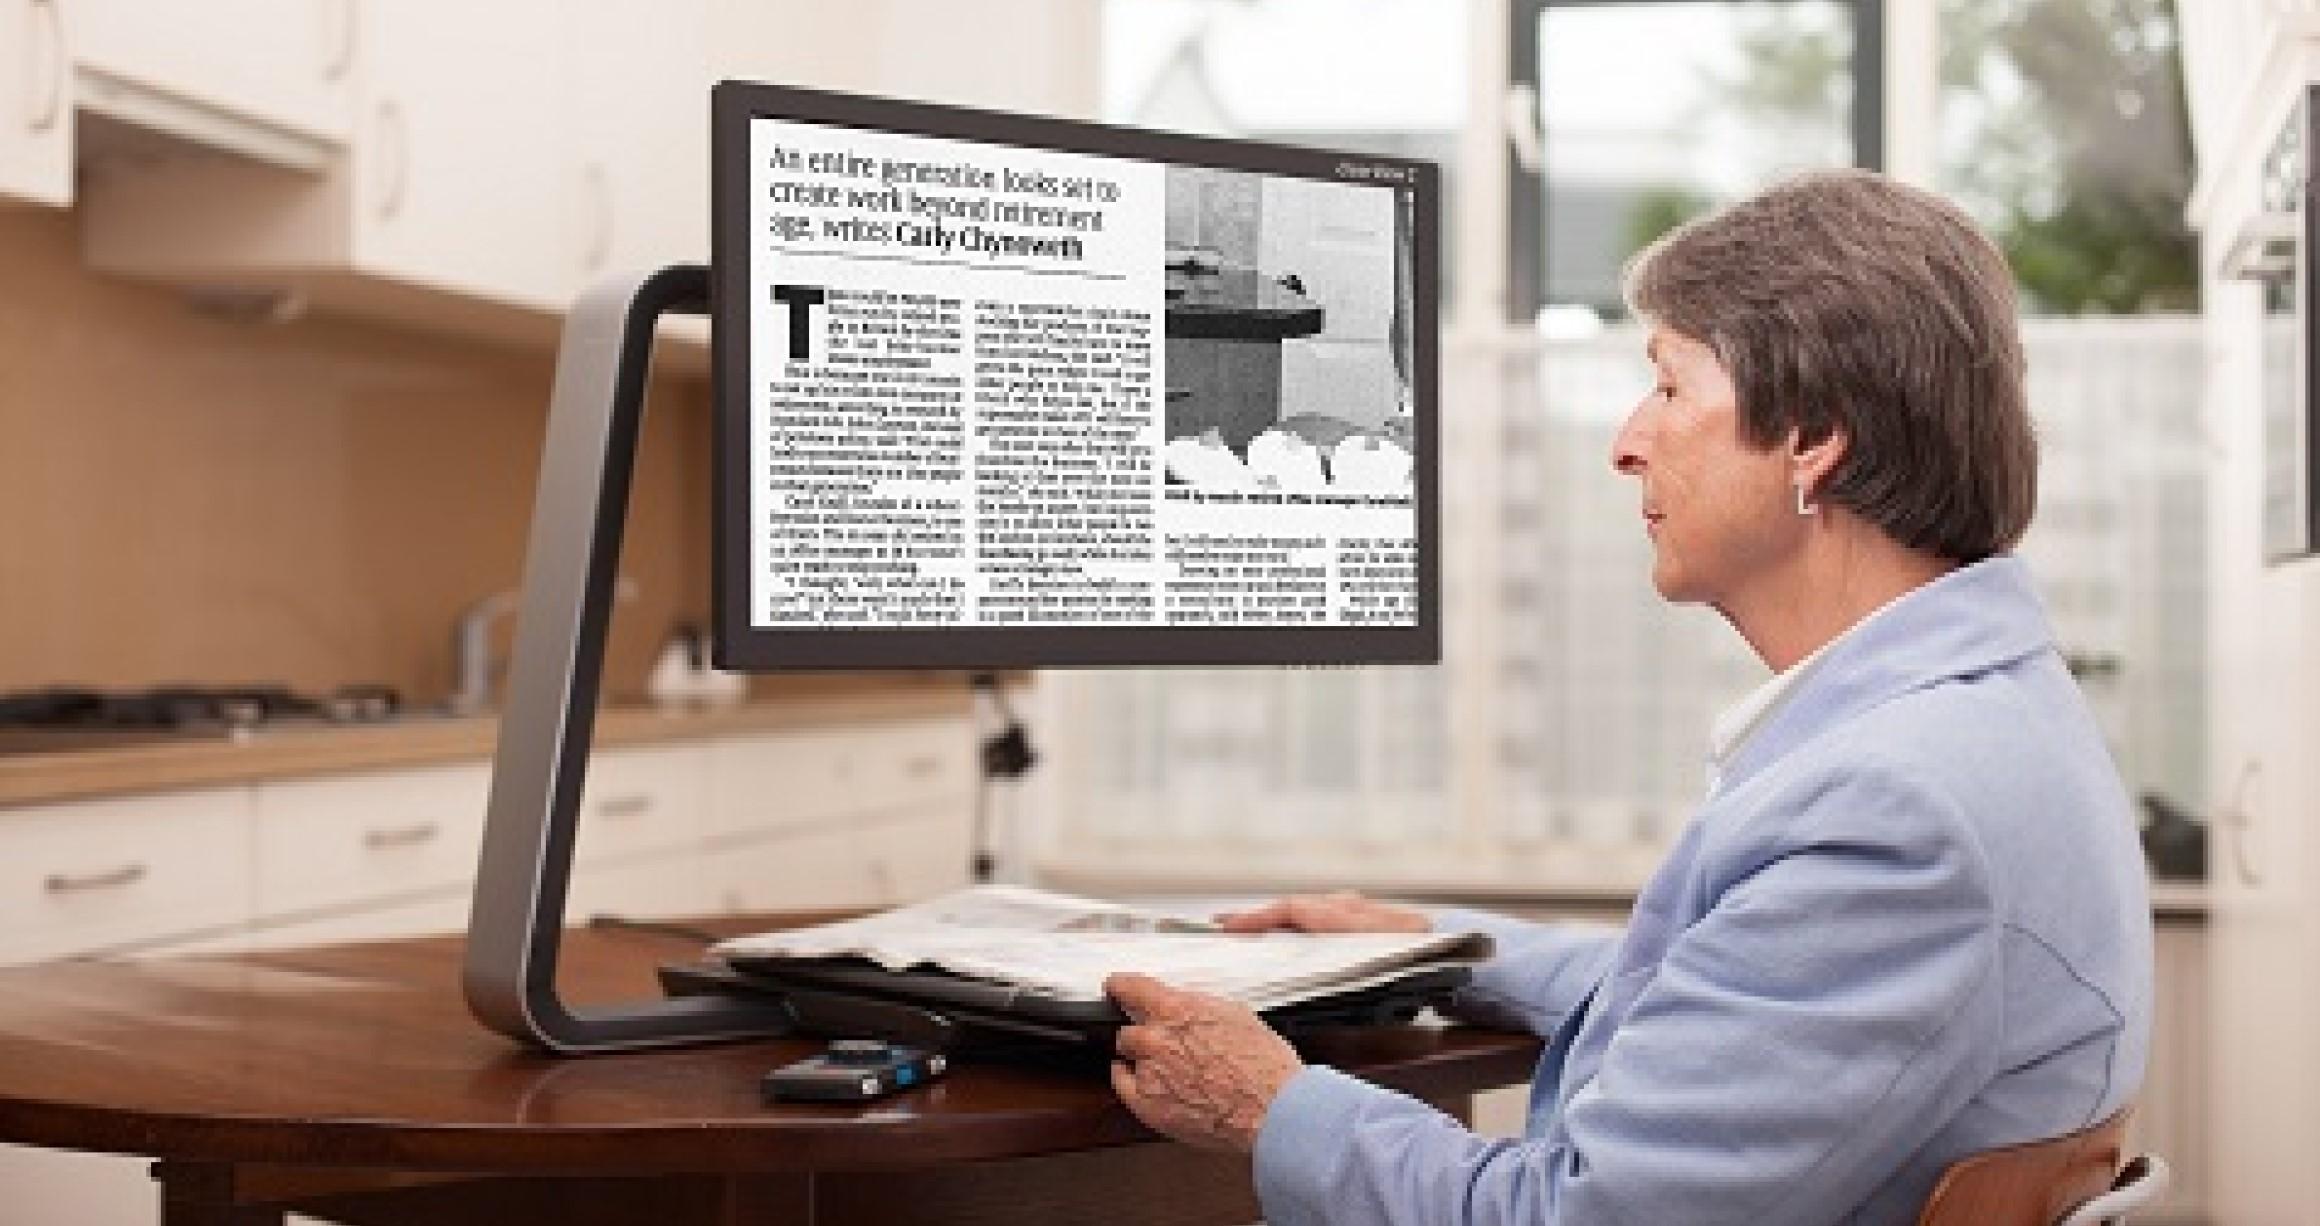 Desktop video magnifiers